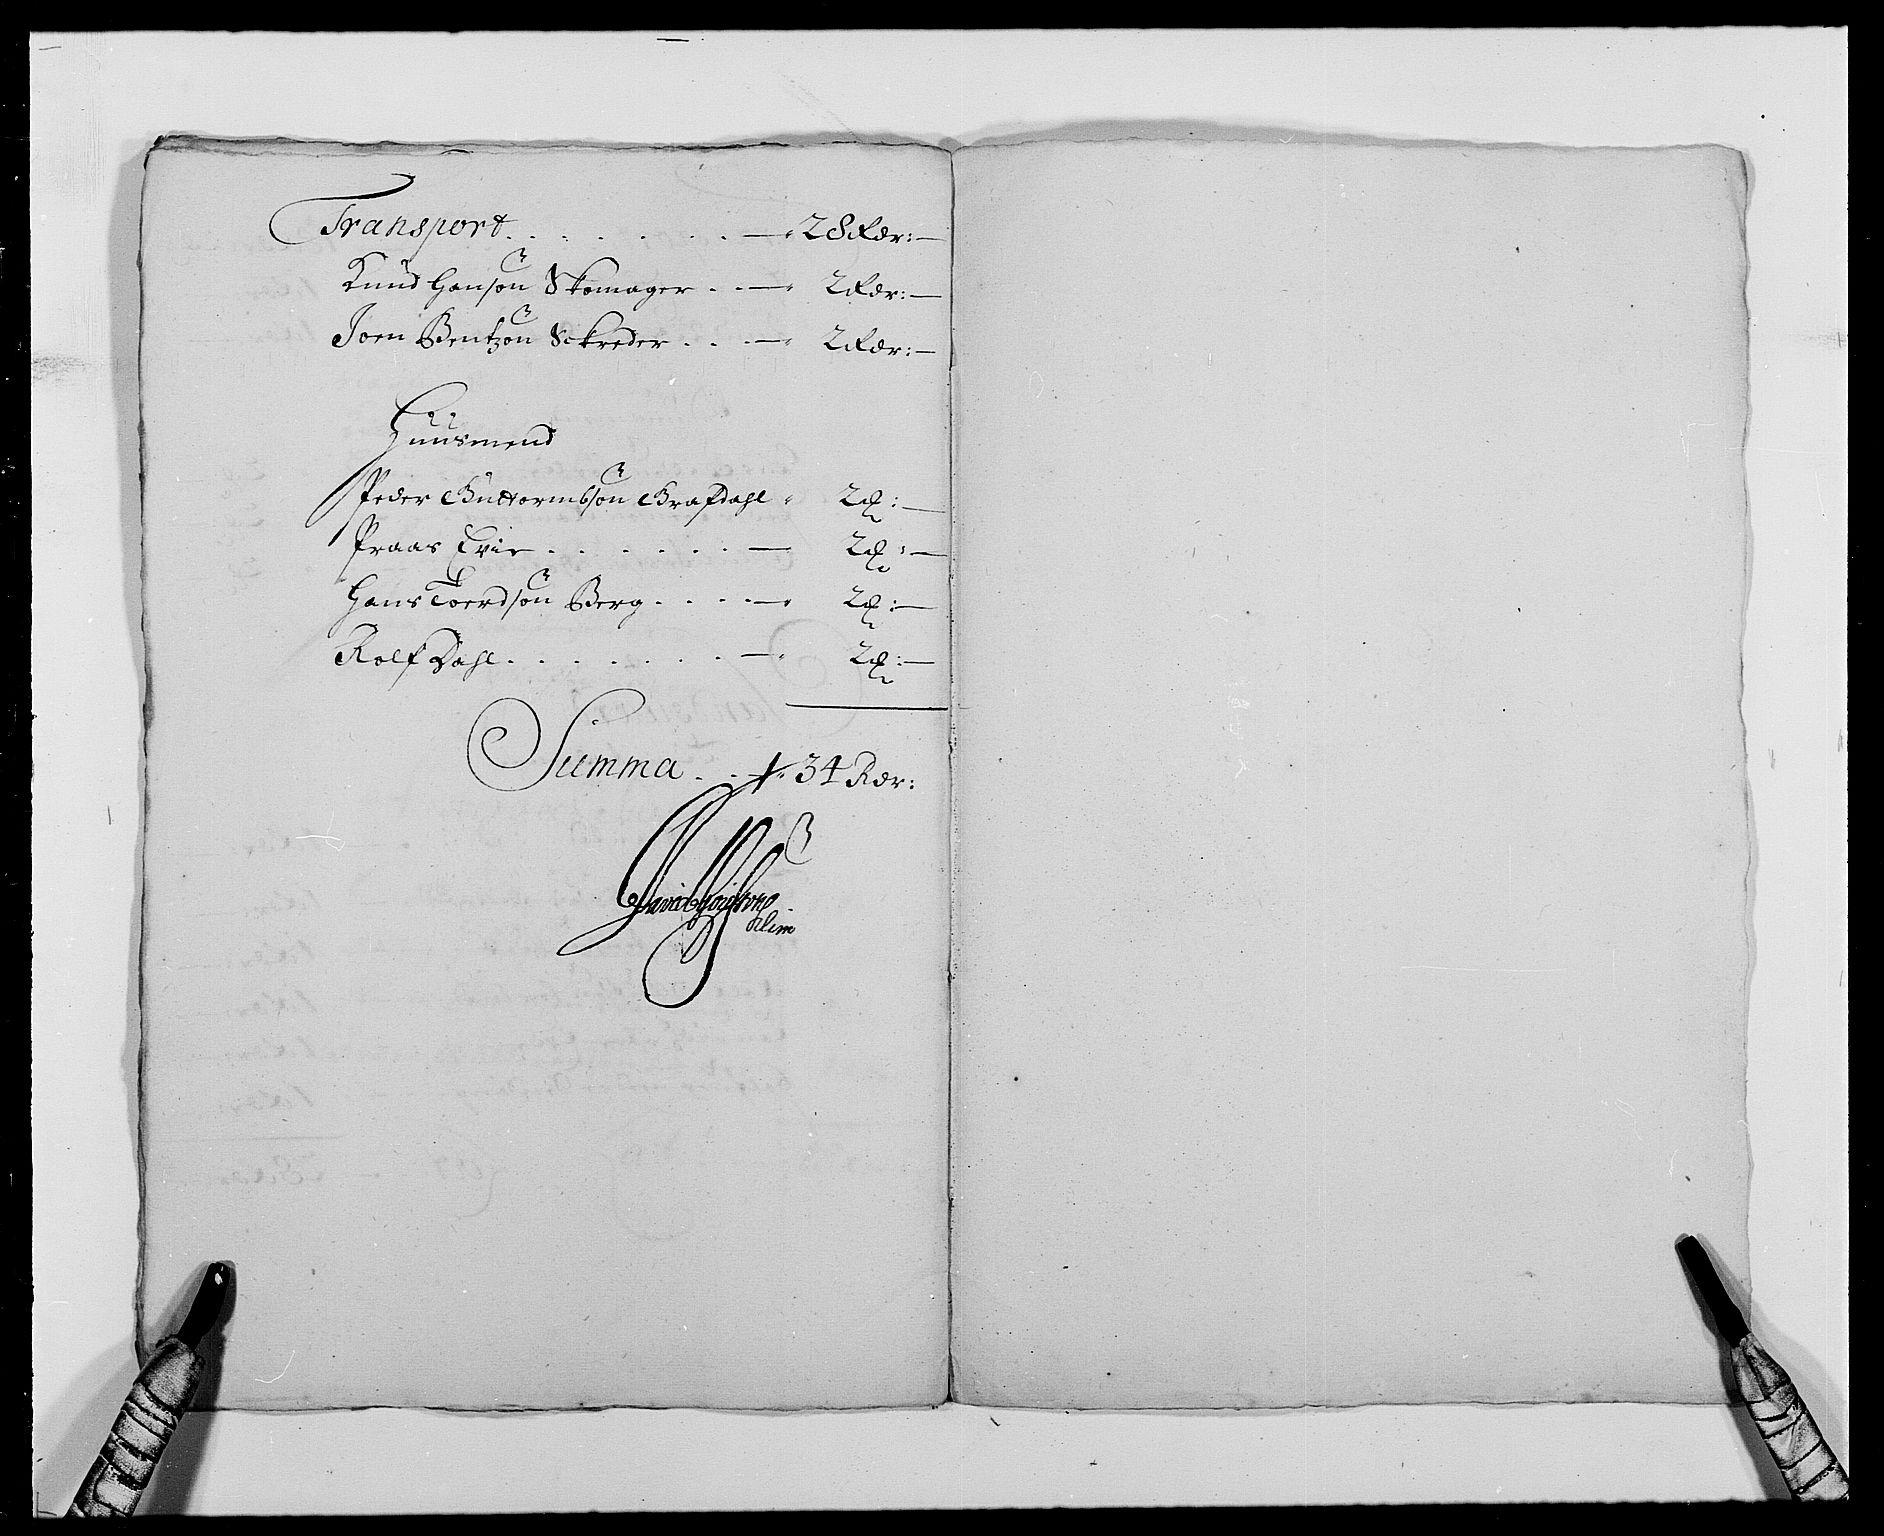 RA, Rentekammeret inntil 1814, Reviderte regnskaper, Fogderegnskap, R24/L1573: Fogderegnskap Numedal og Sandsvær, 1687-1691, s. 323